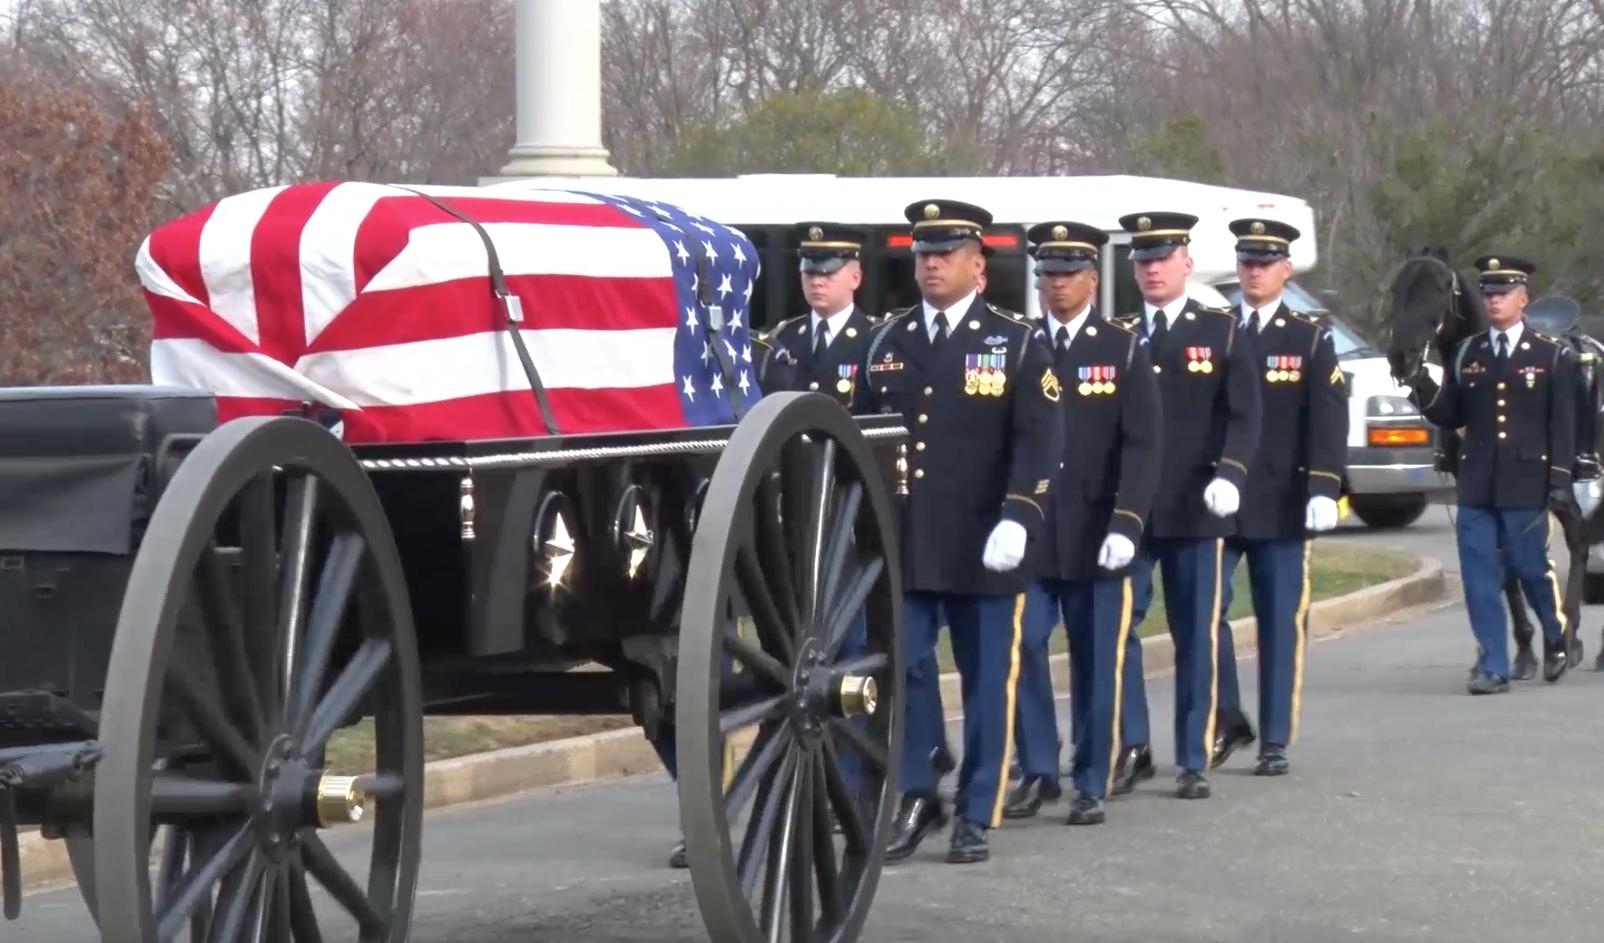 Funerals/Memorials